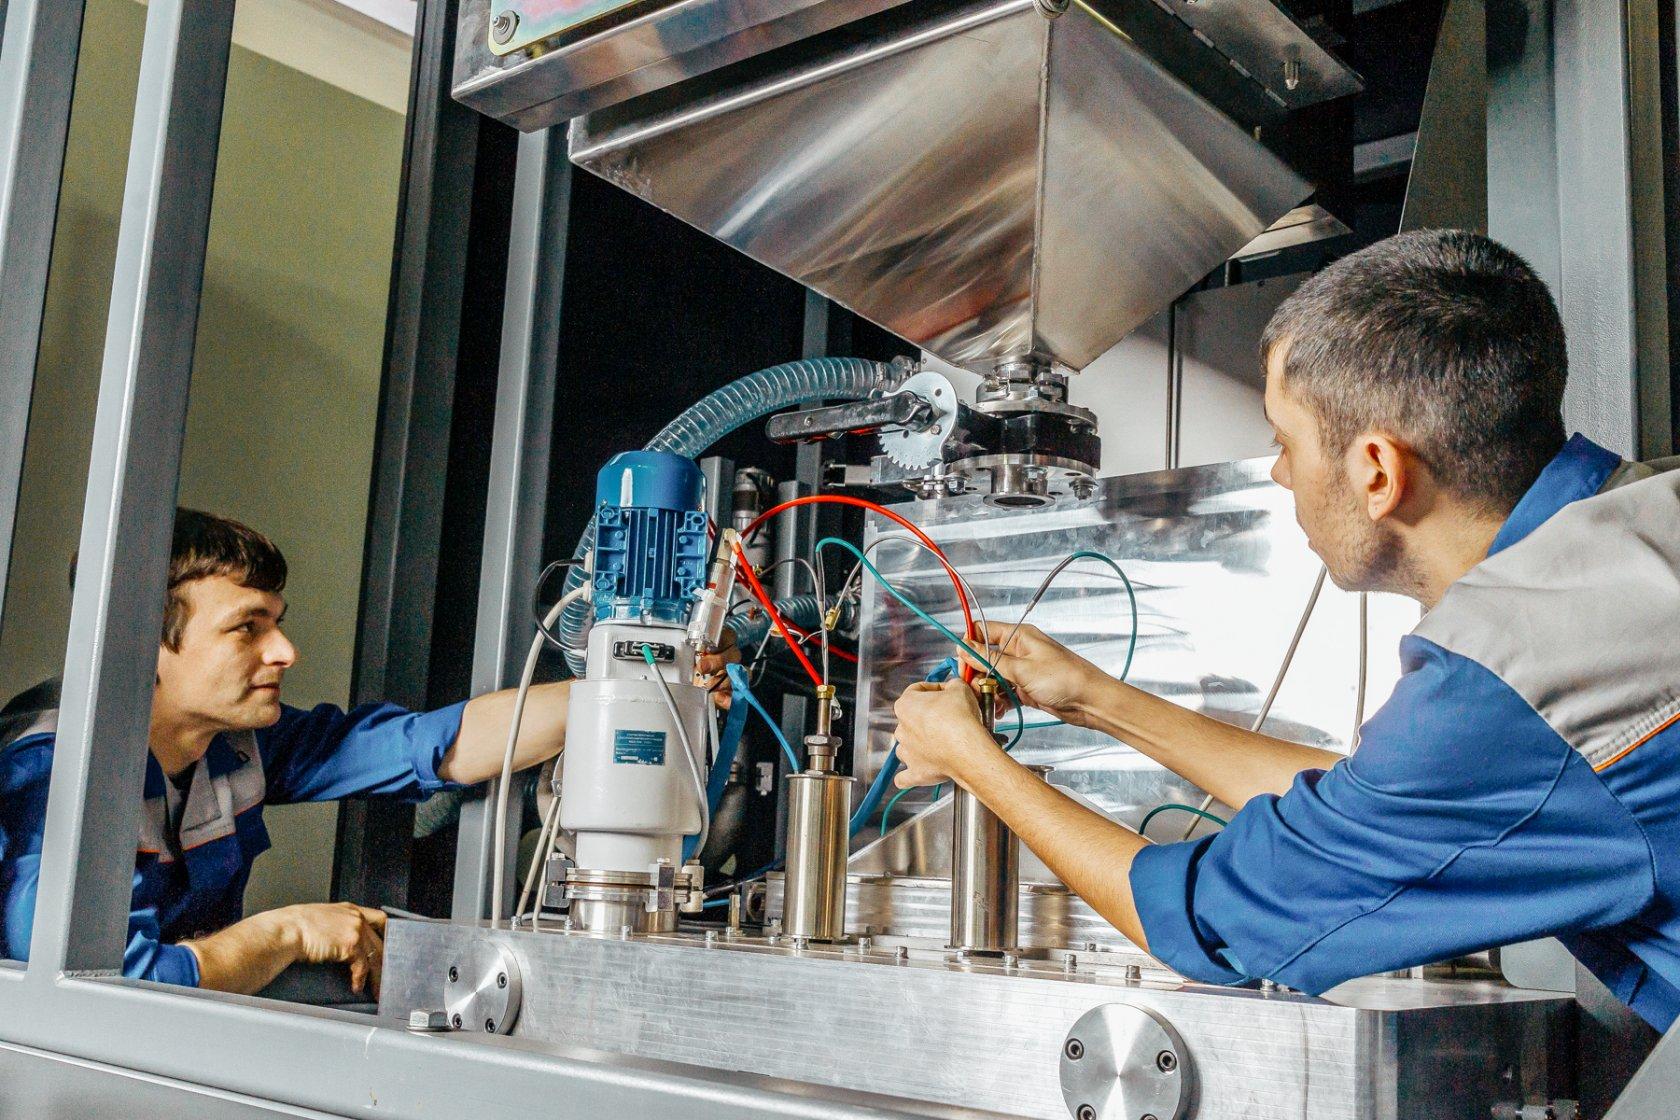 Почему аддитивные технологии не востребованы в промышленности | экспертные статьи proкачество